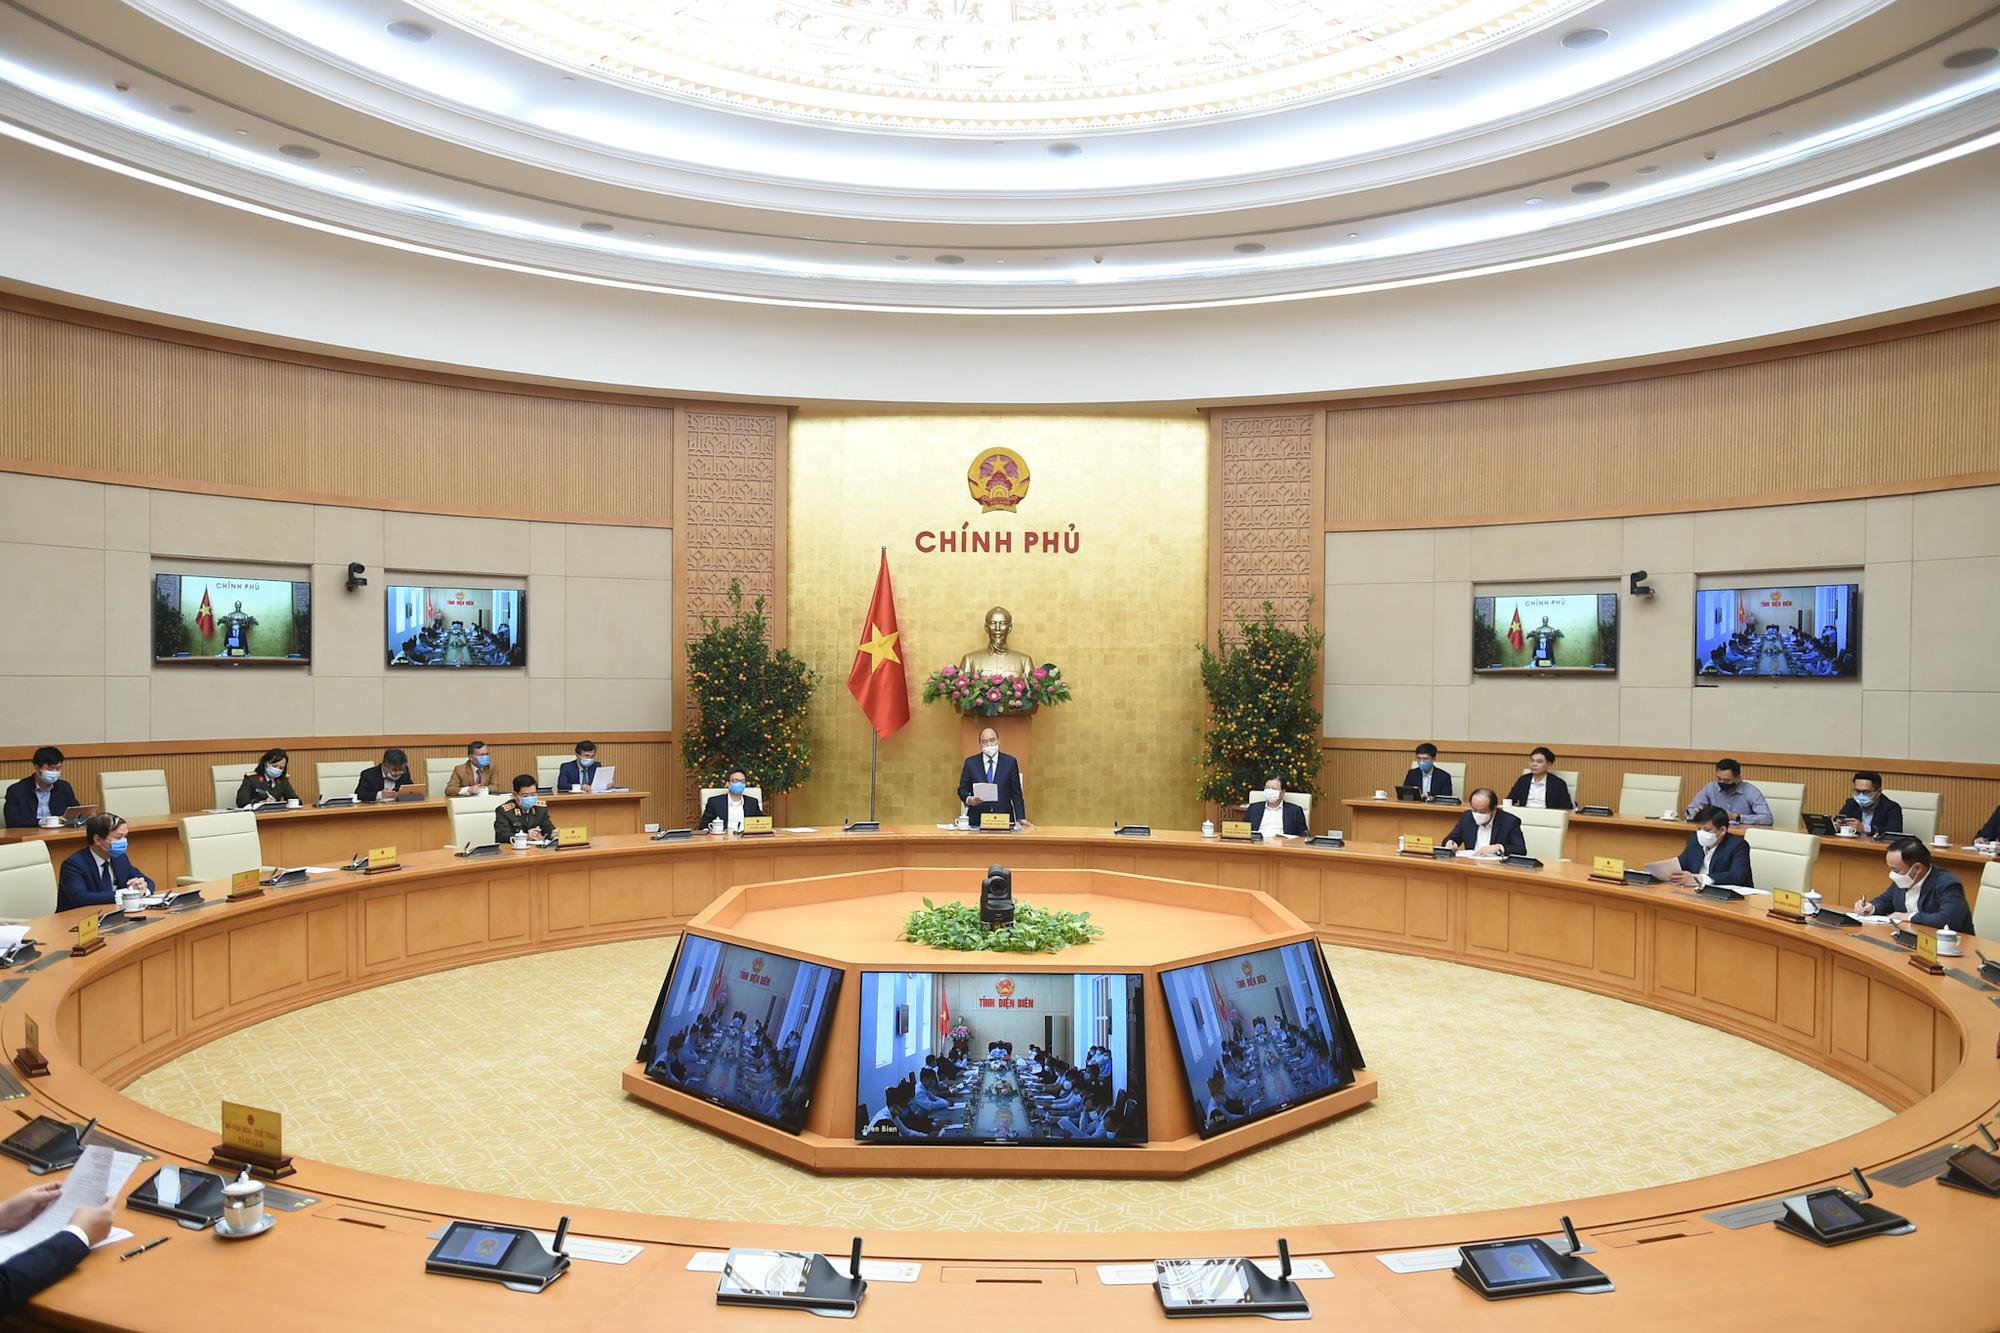 Thủ tướng Nguyễn Xuân Phúc: Chuẩn bị sẵn sàng cách ly lớn khi tình huống xấu xảy ra - Ảnh 2.